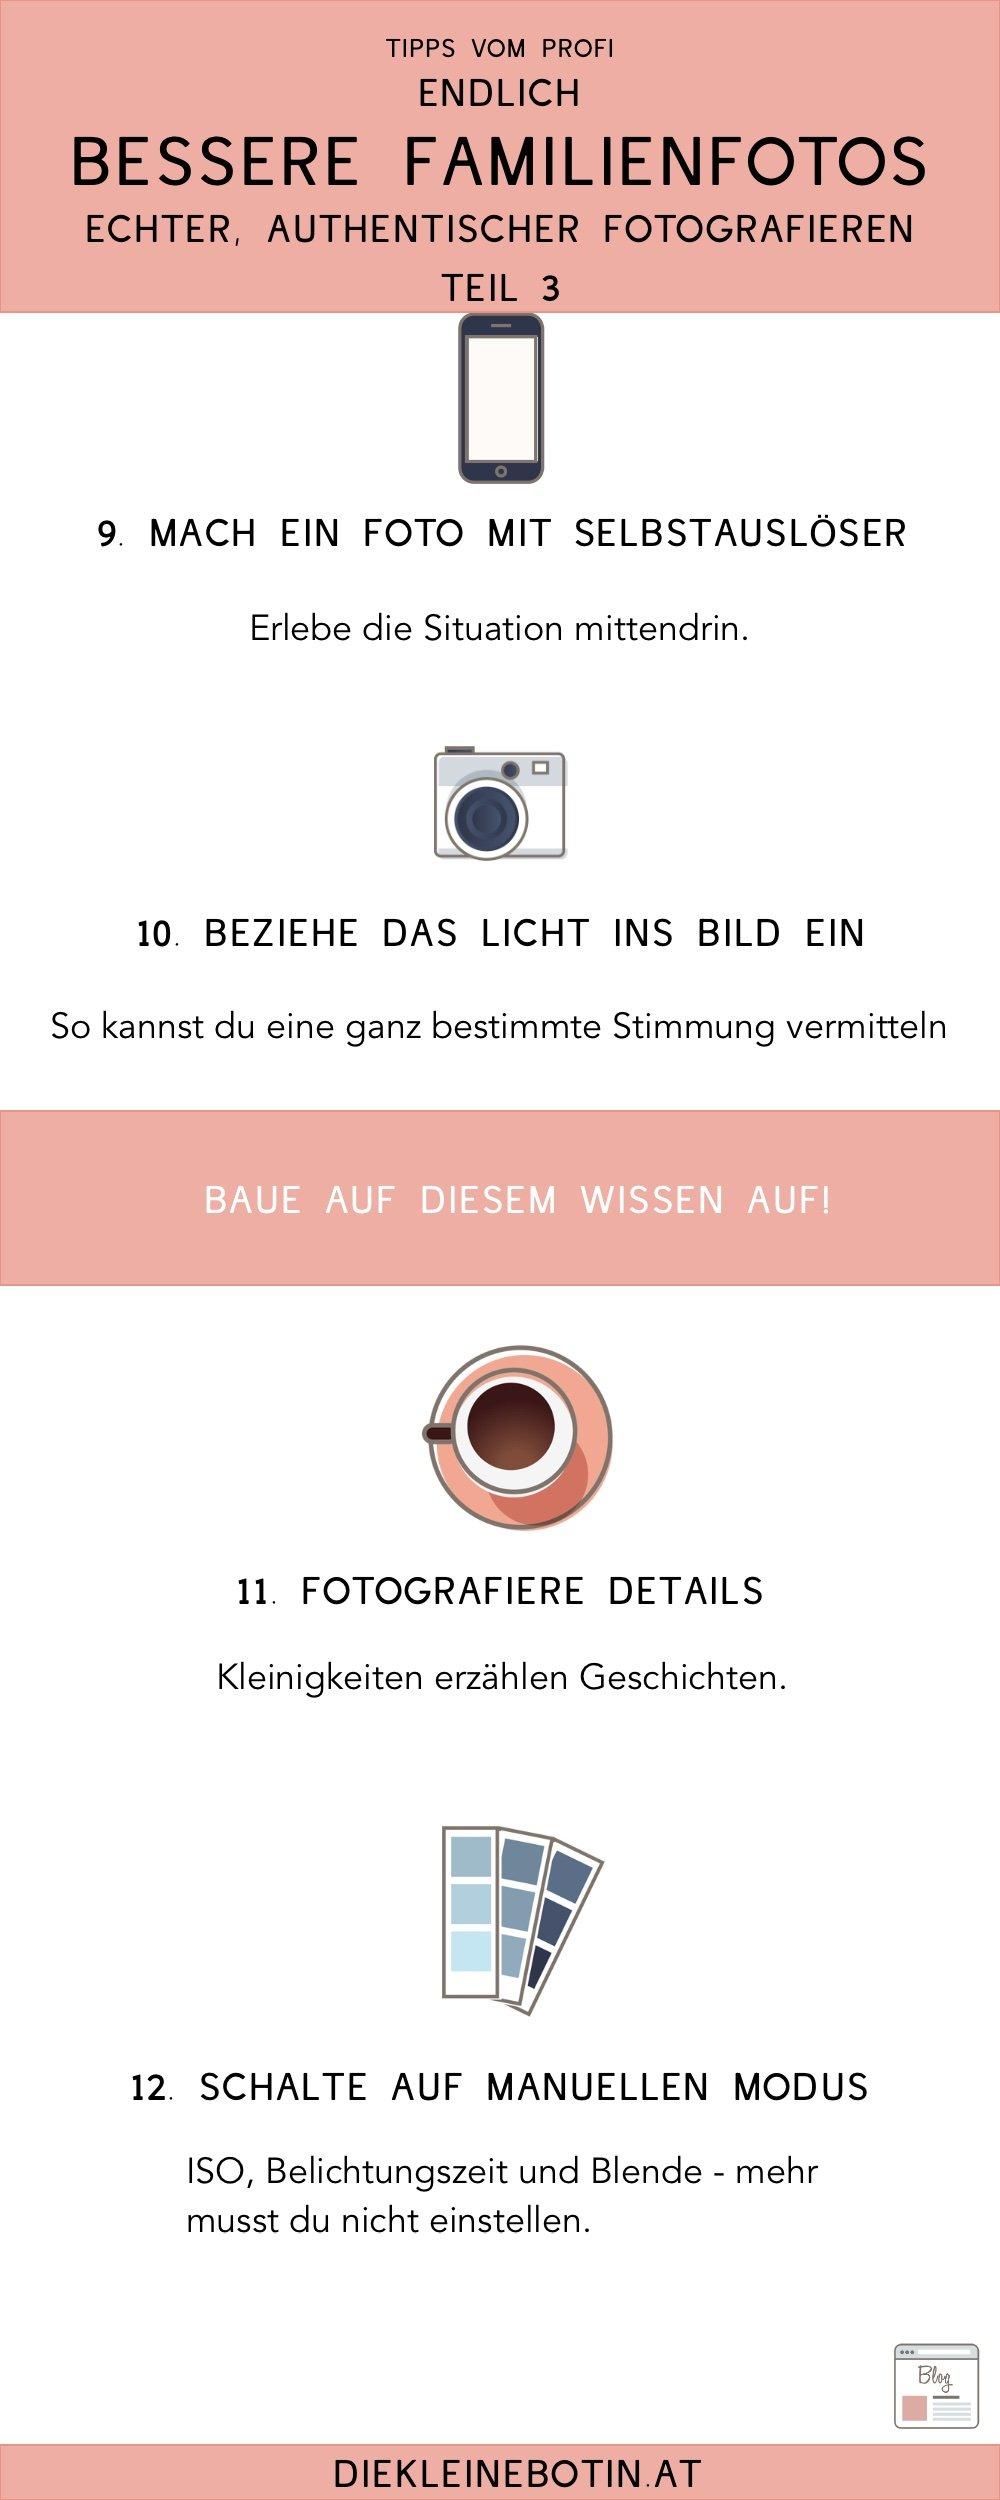 fototipps infografik 3 kalinka